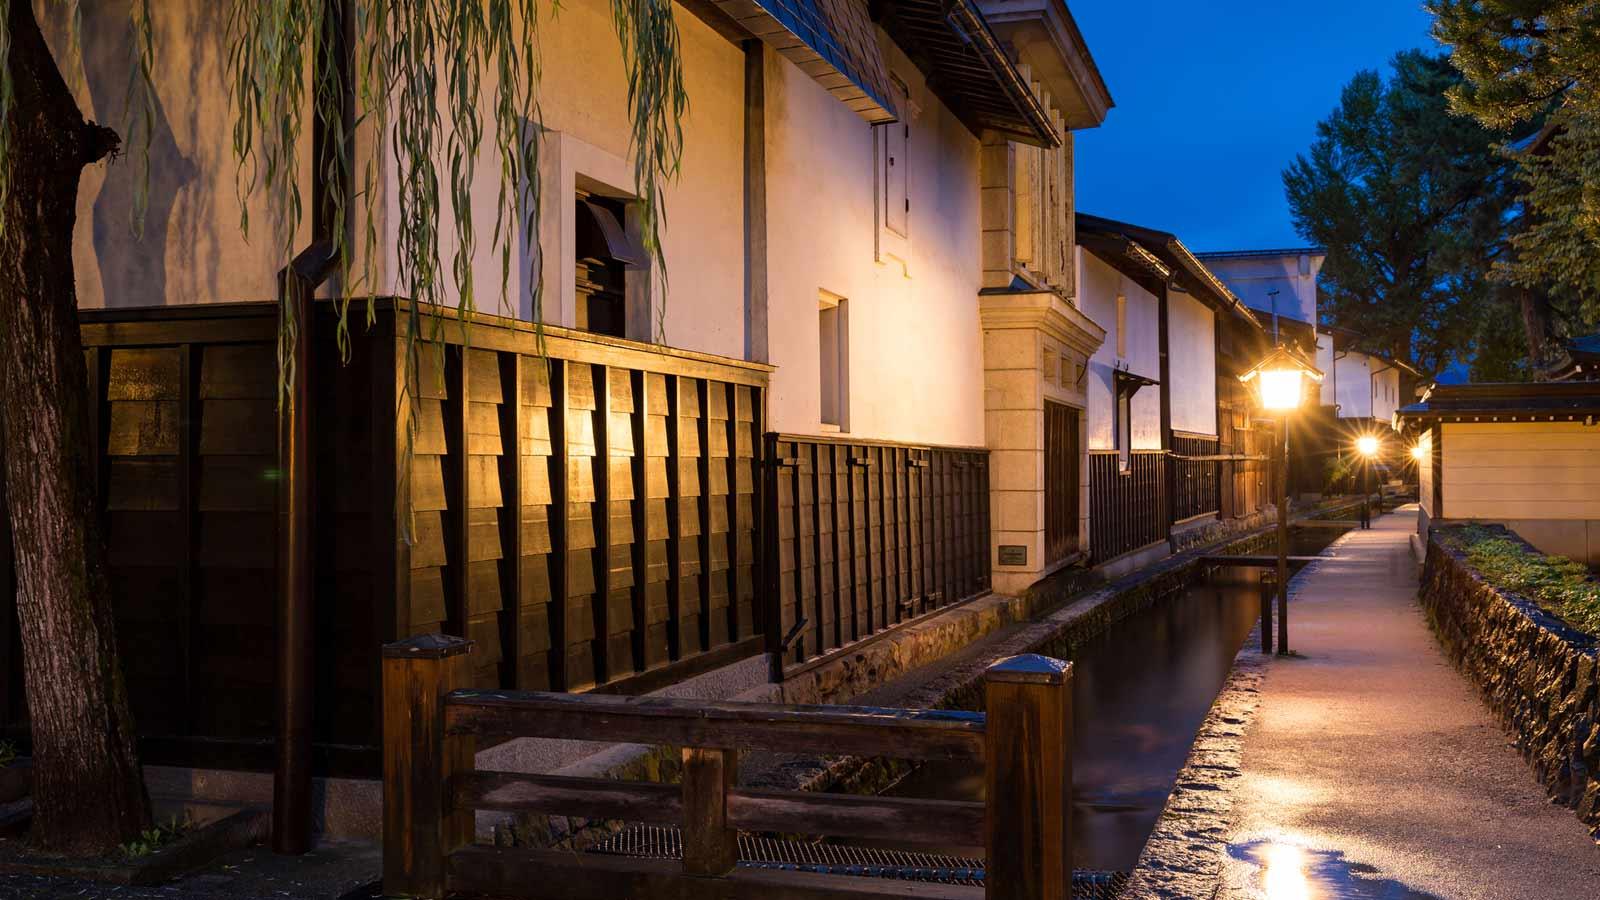 フォトジェニックな町並みが魅力!全国の「小京都」